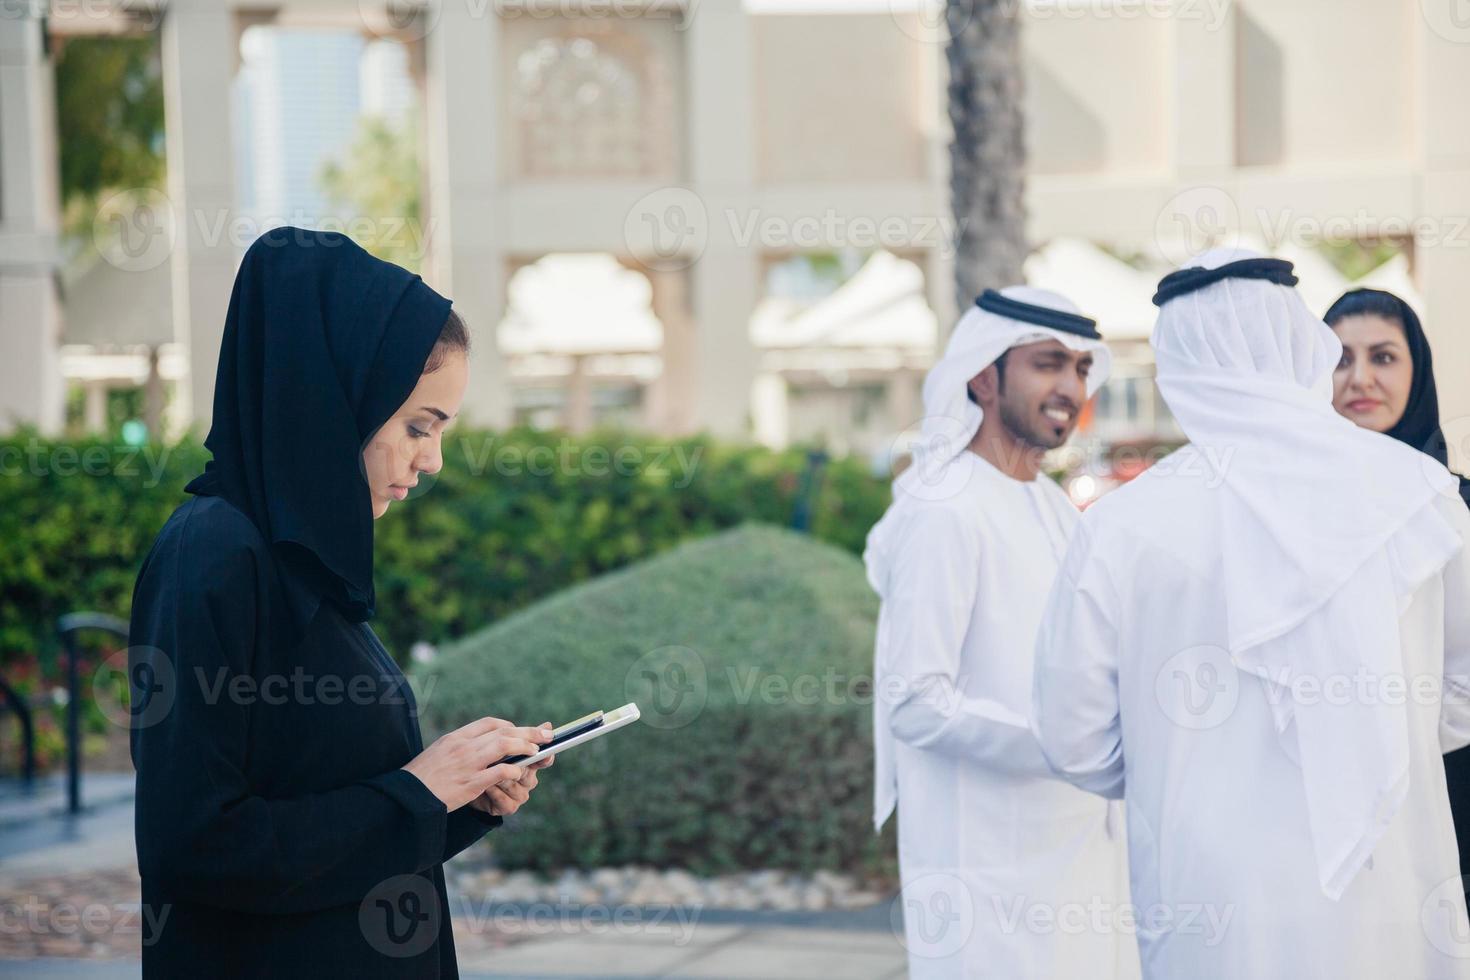 Arabische zakenmensen buitenshuis foto